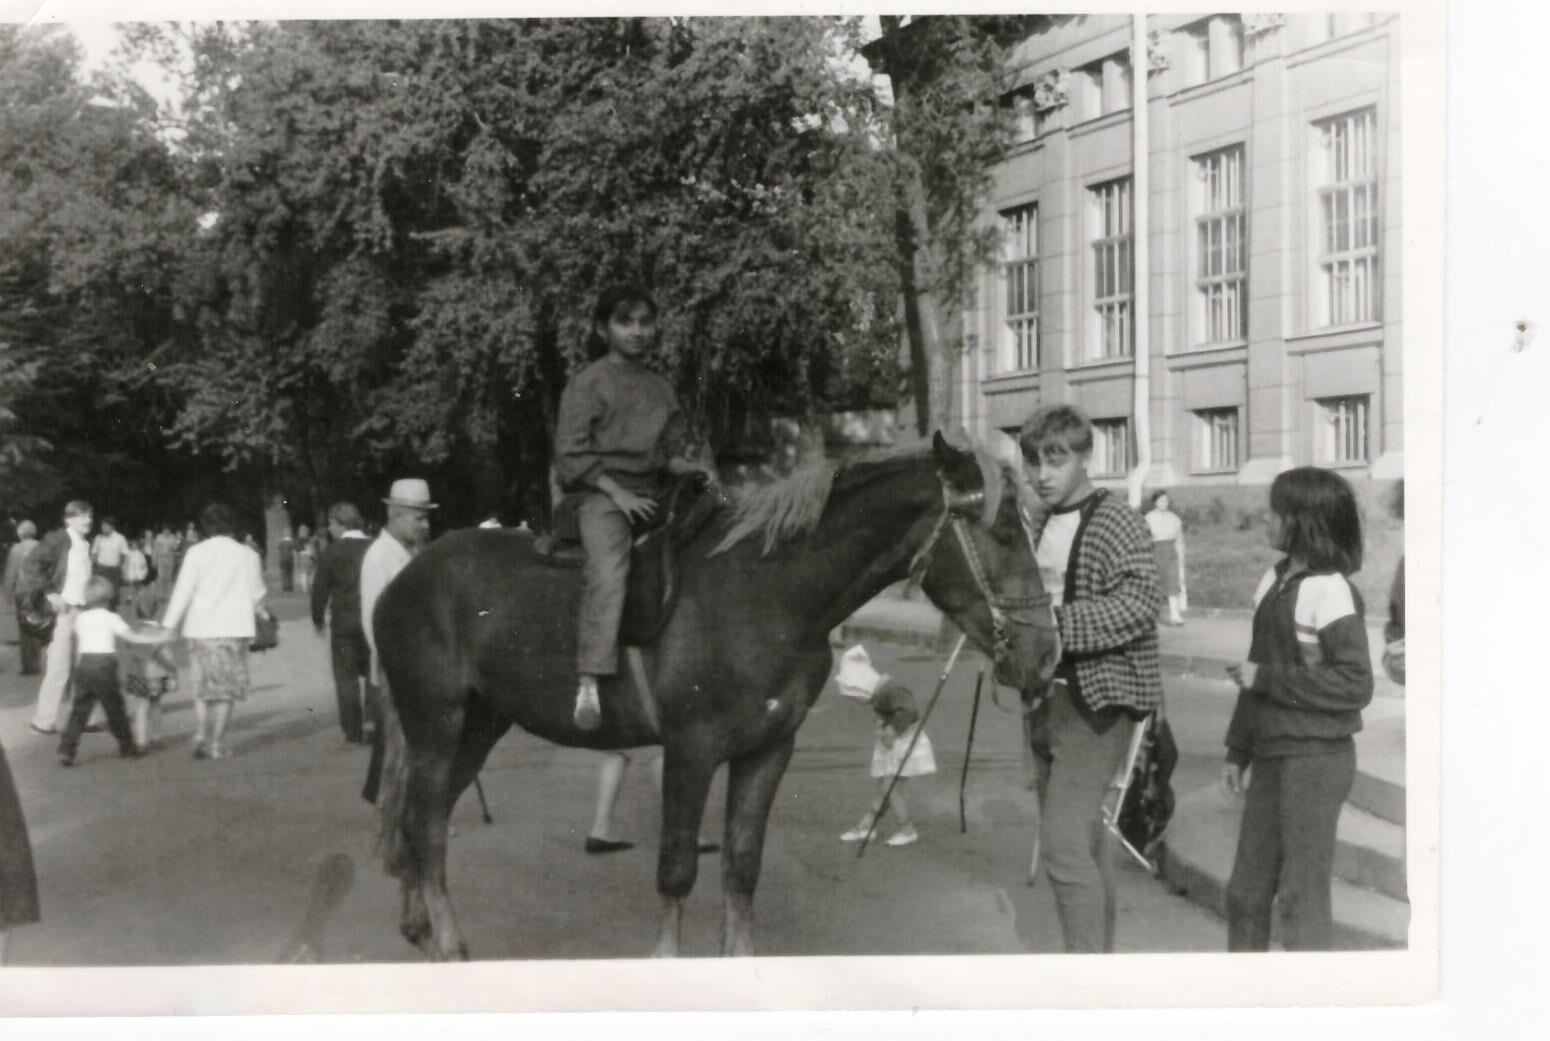 Horseback riding in Leningrad